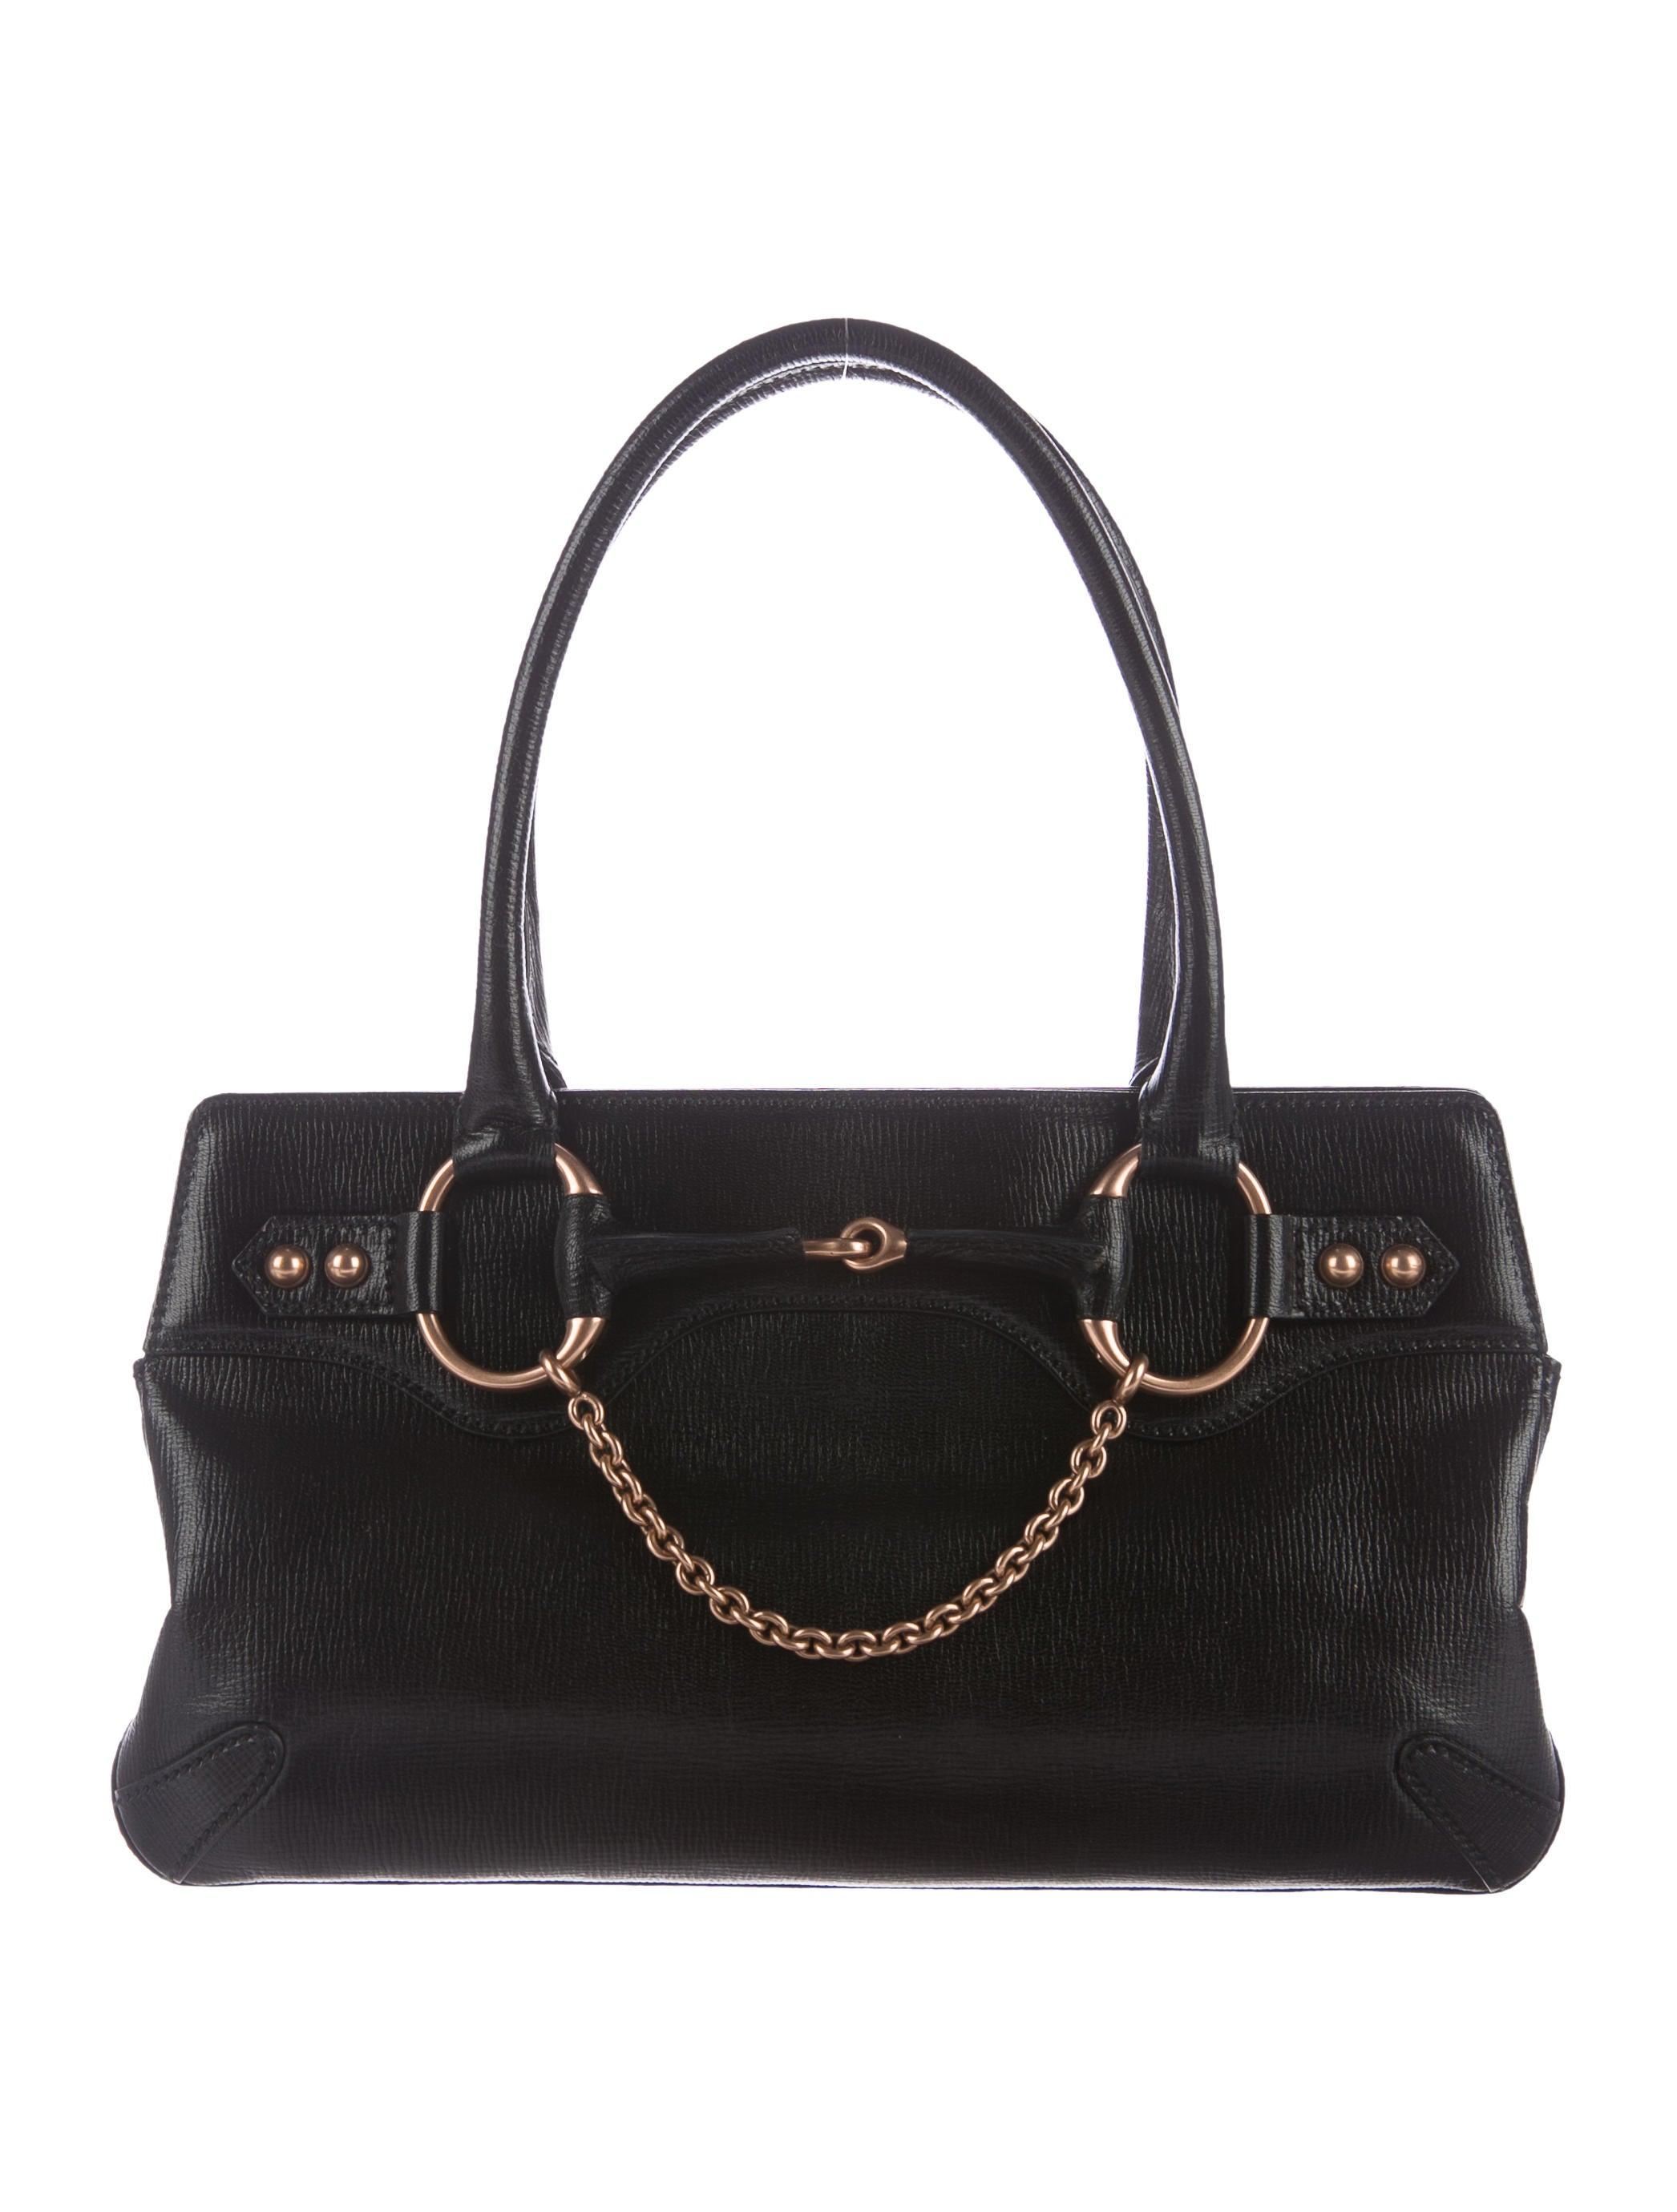 67bbbe5606b2 Gucci Bag Supply Chain | Casper's & Runyon's Shamrocks | Nook